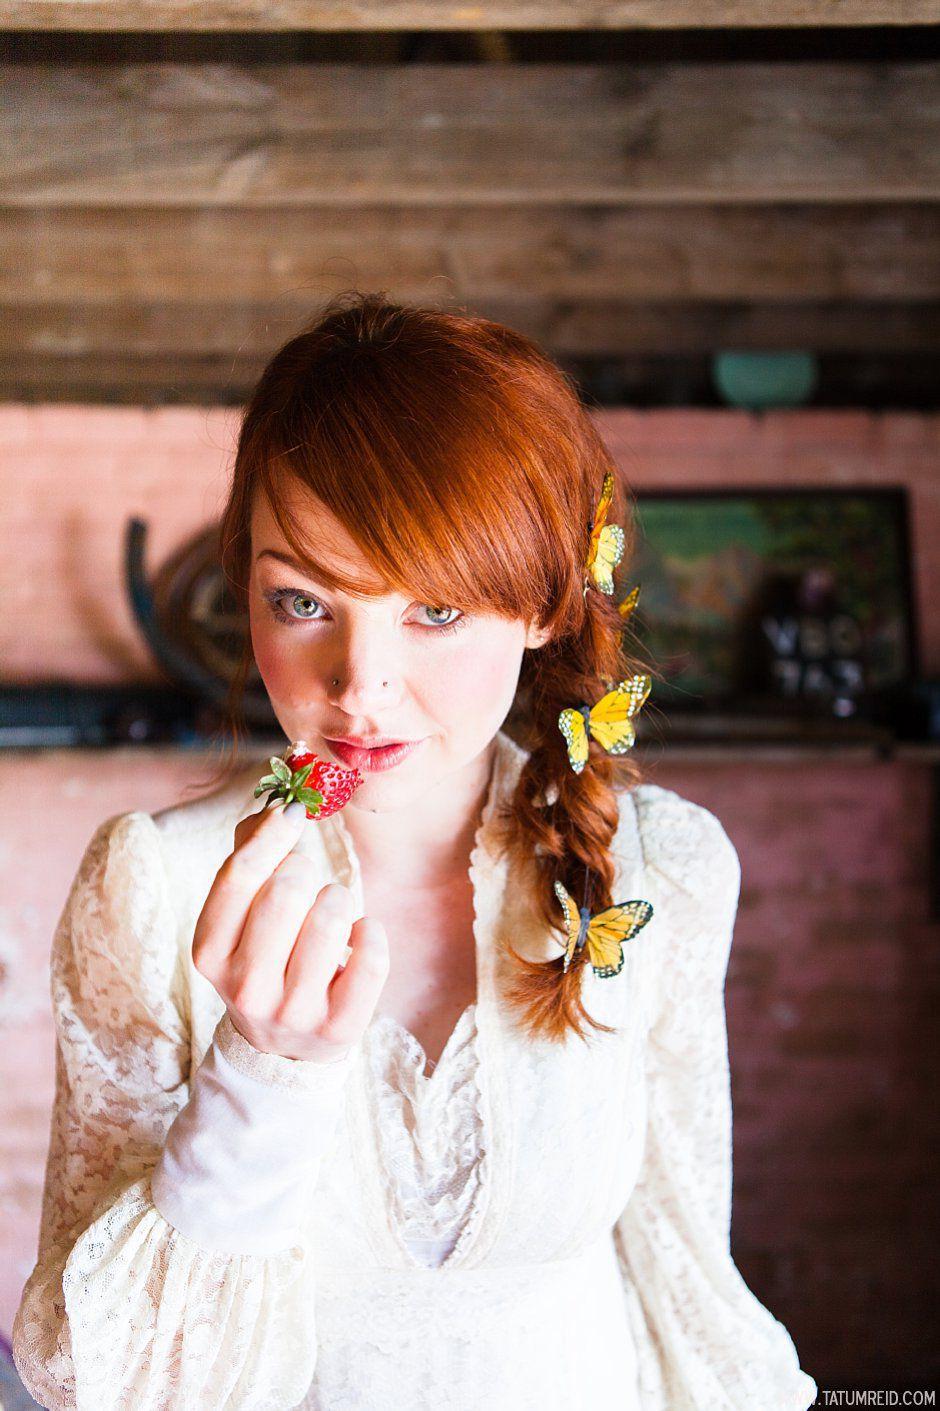 Bohemian bride, boho bride, floral headwear for brides, outdoor wedding, Norfolk, Norwich, Tatum Reid (6)